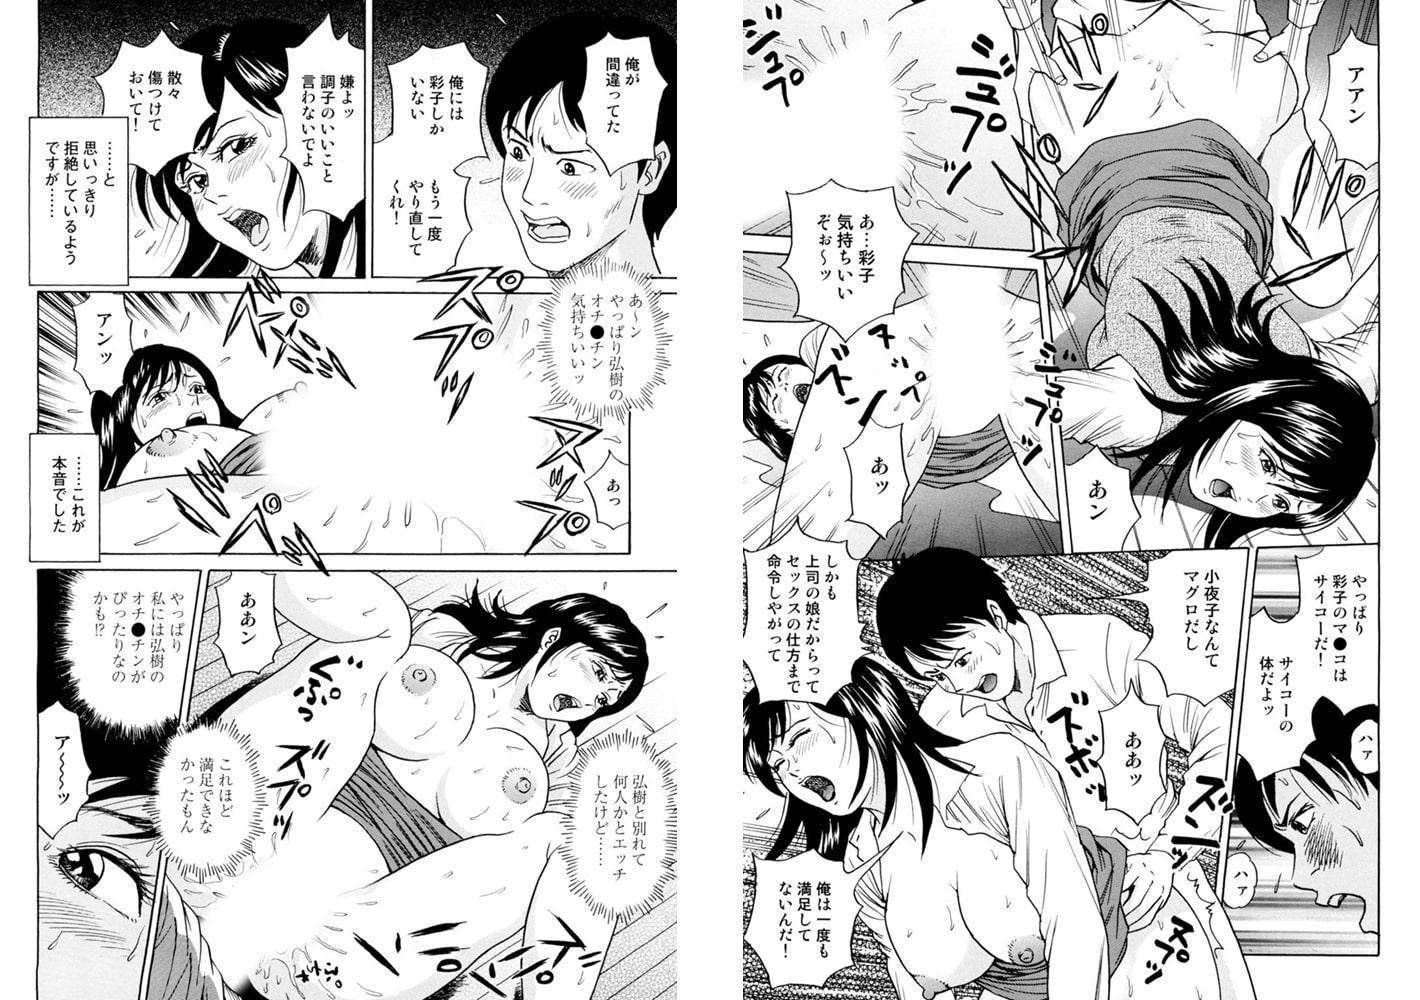 疼く人妻の濡らされた不倫事情 9巻